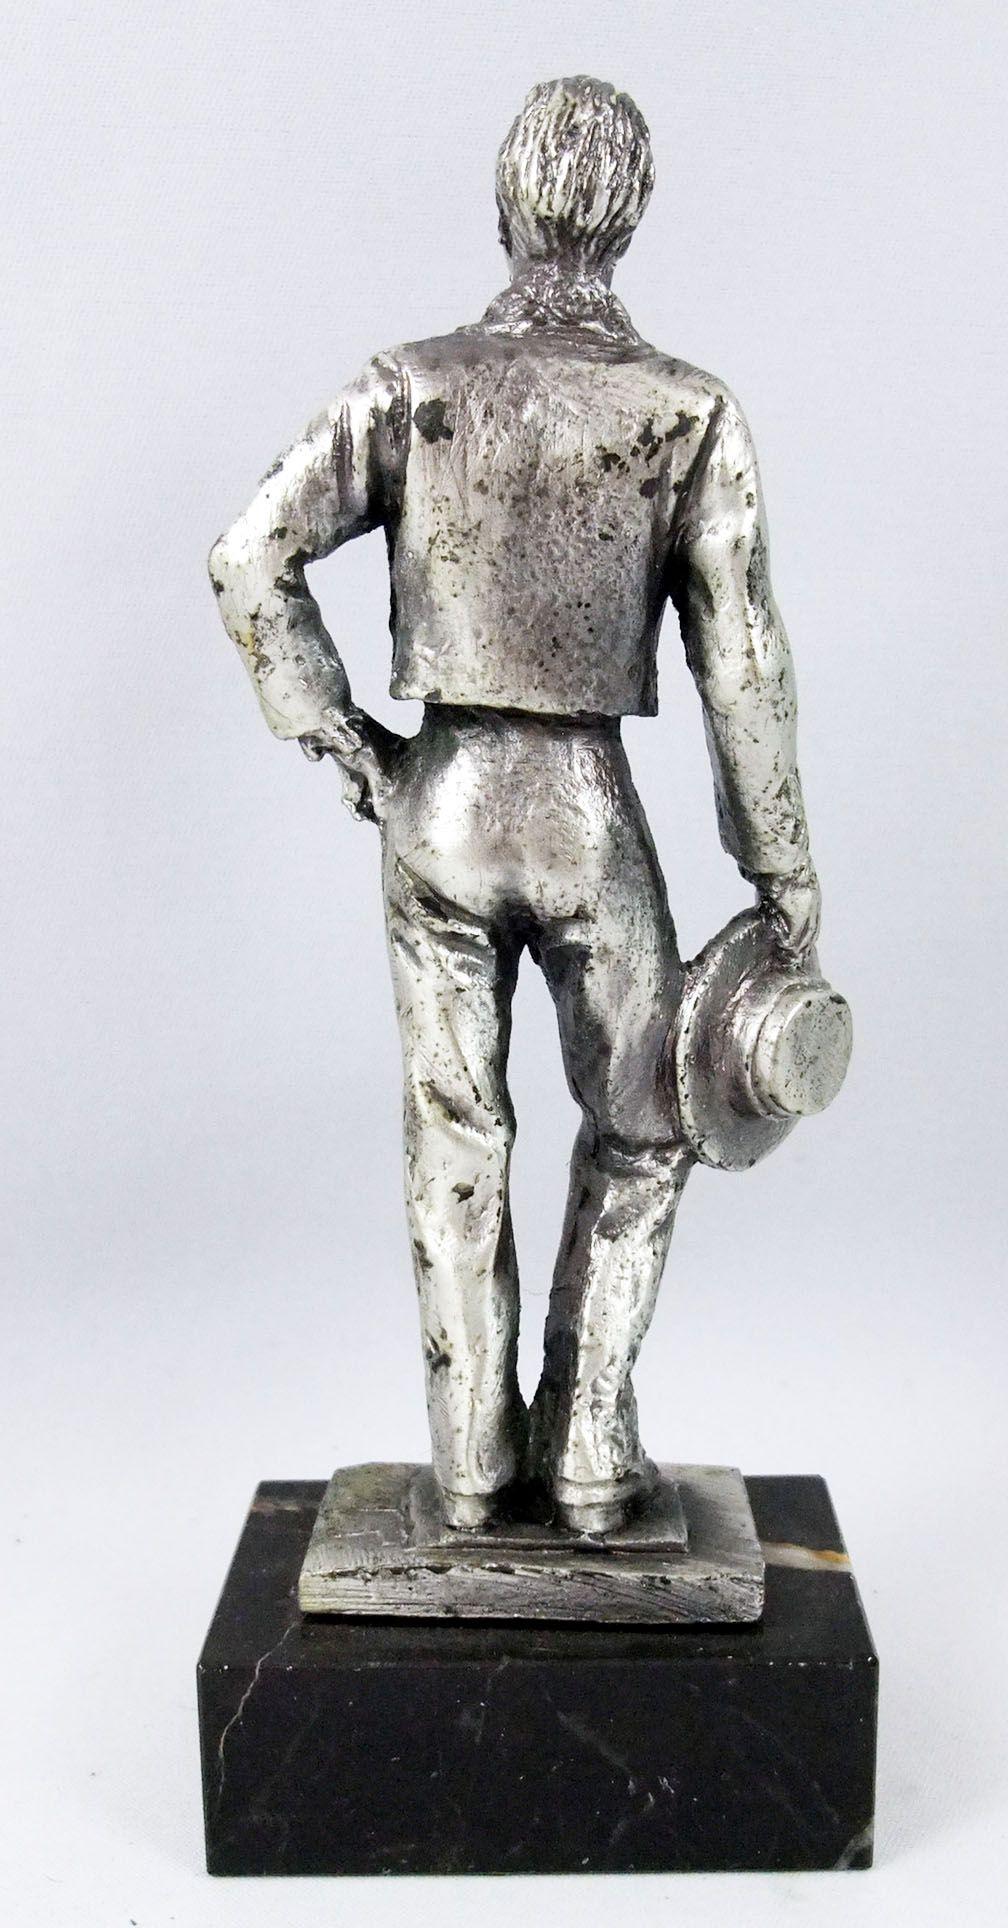 Luis Mariano - Statue en métal injecté 16cm - Daviland France 1978